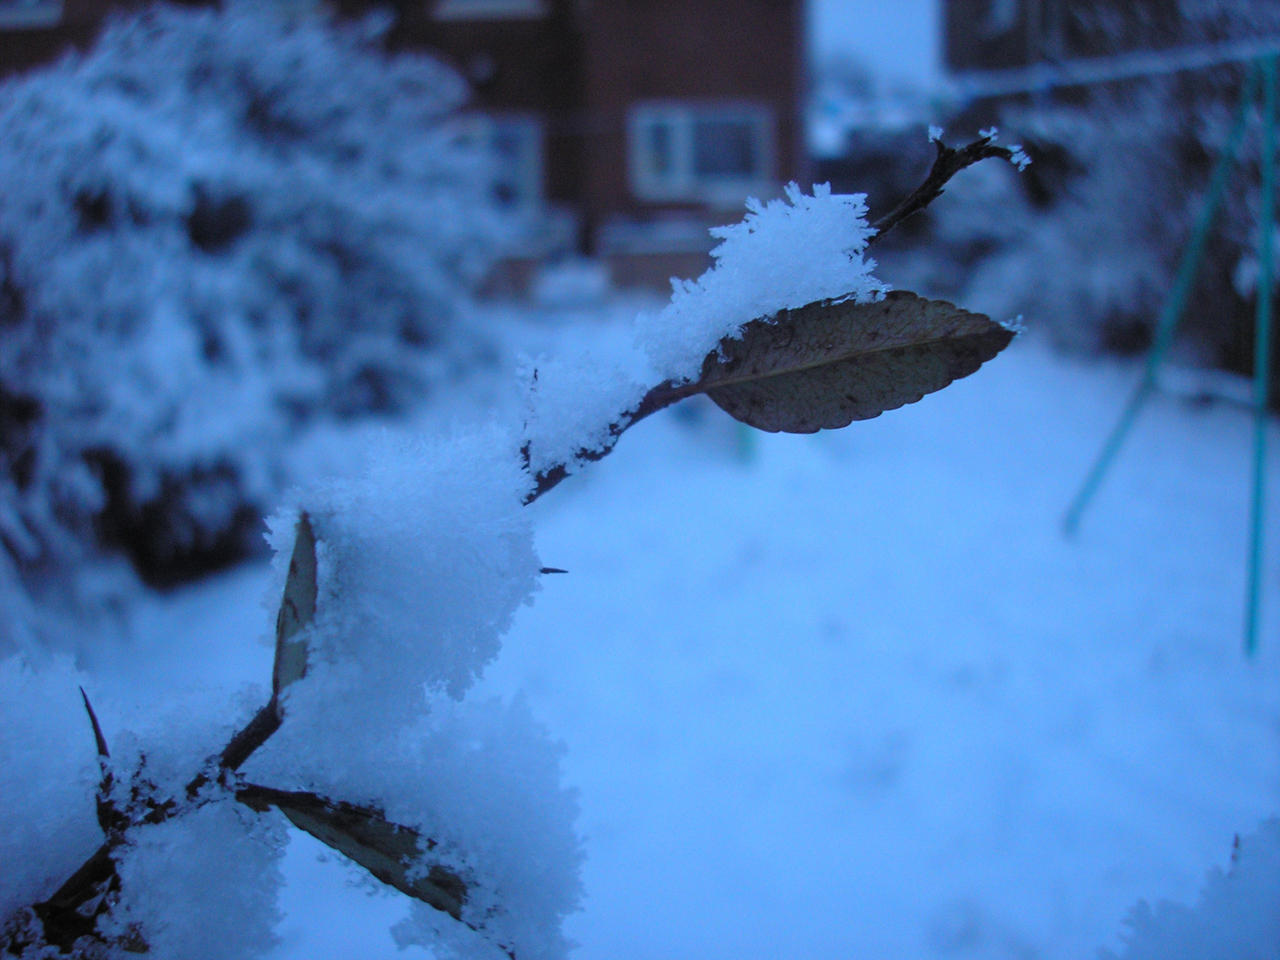 Snowy leaf by StivStock